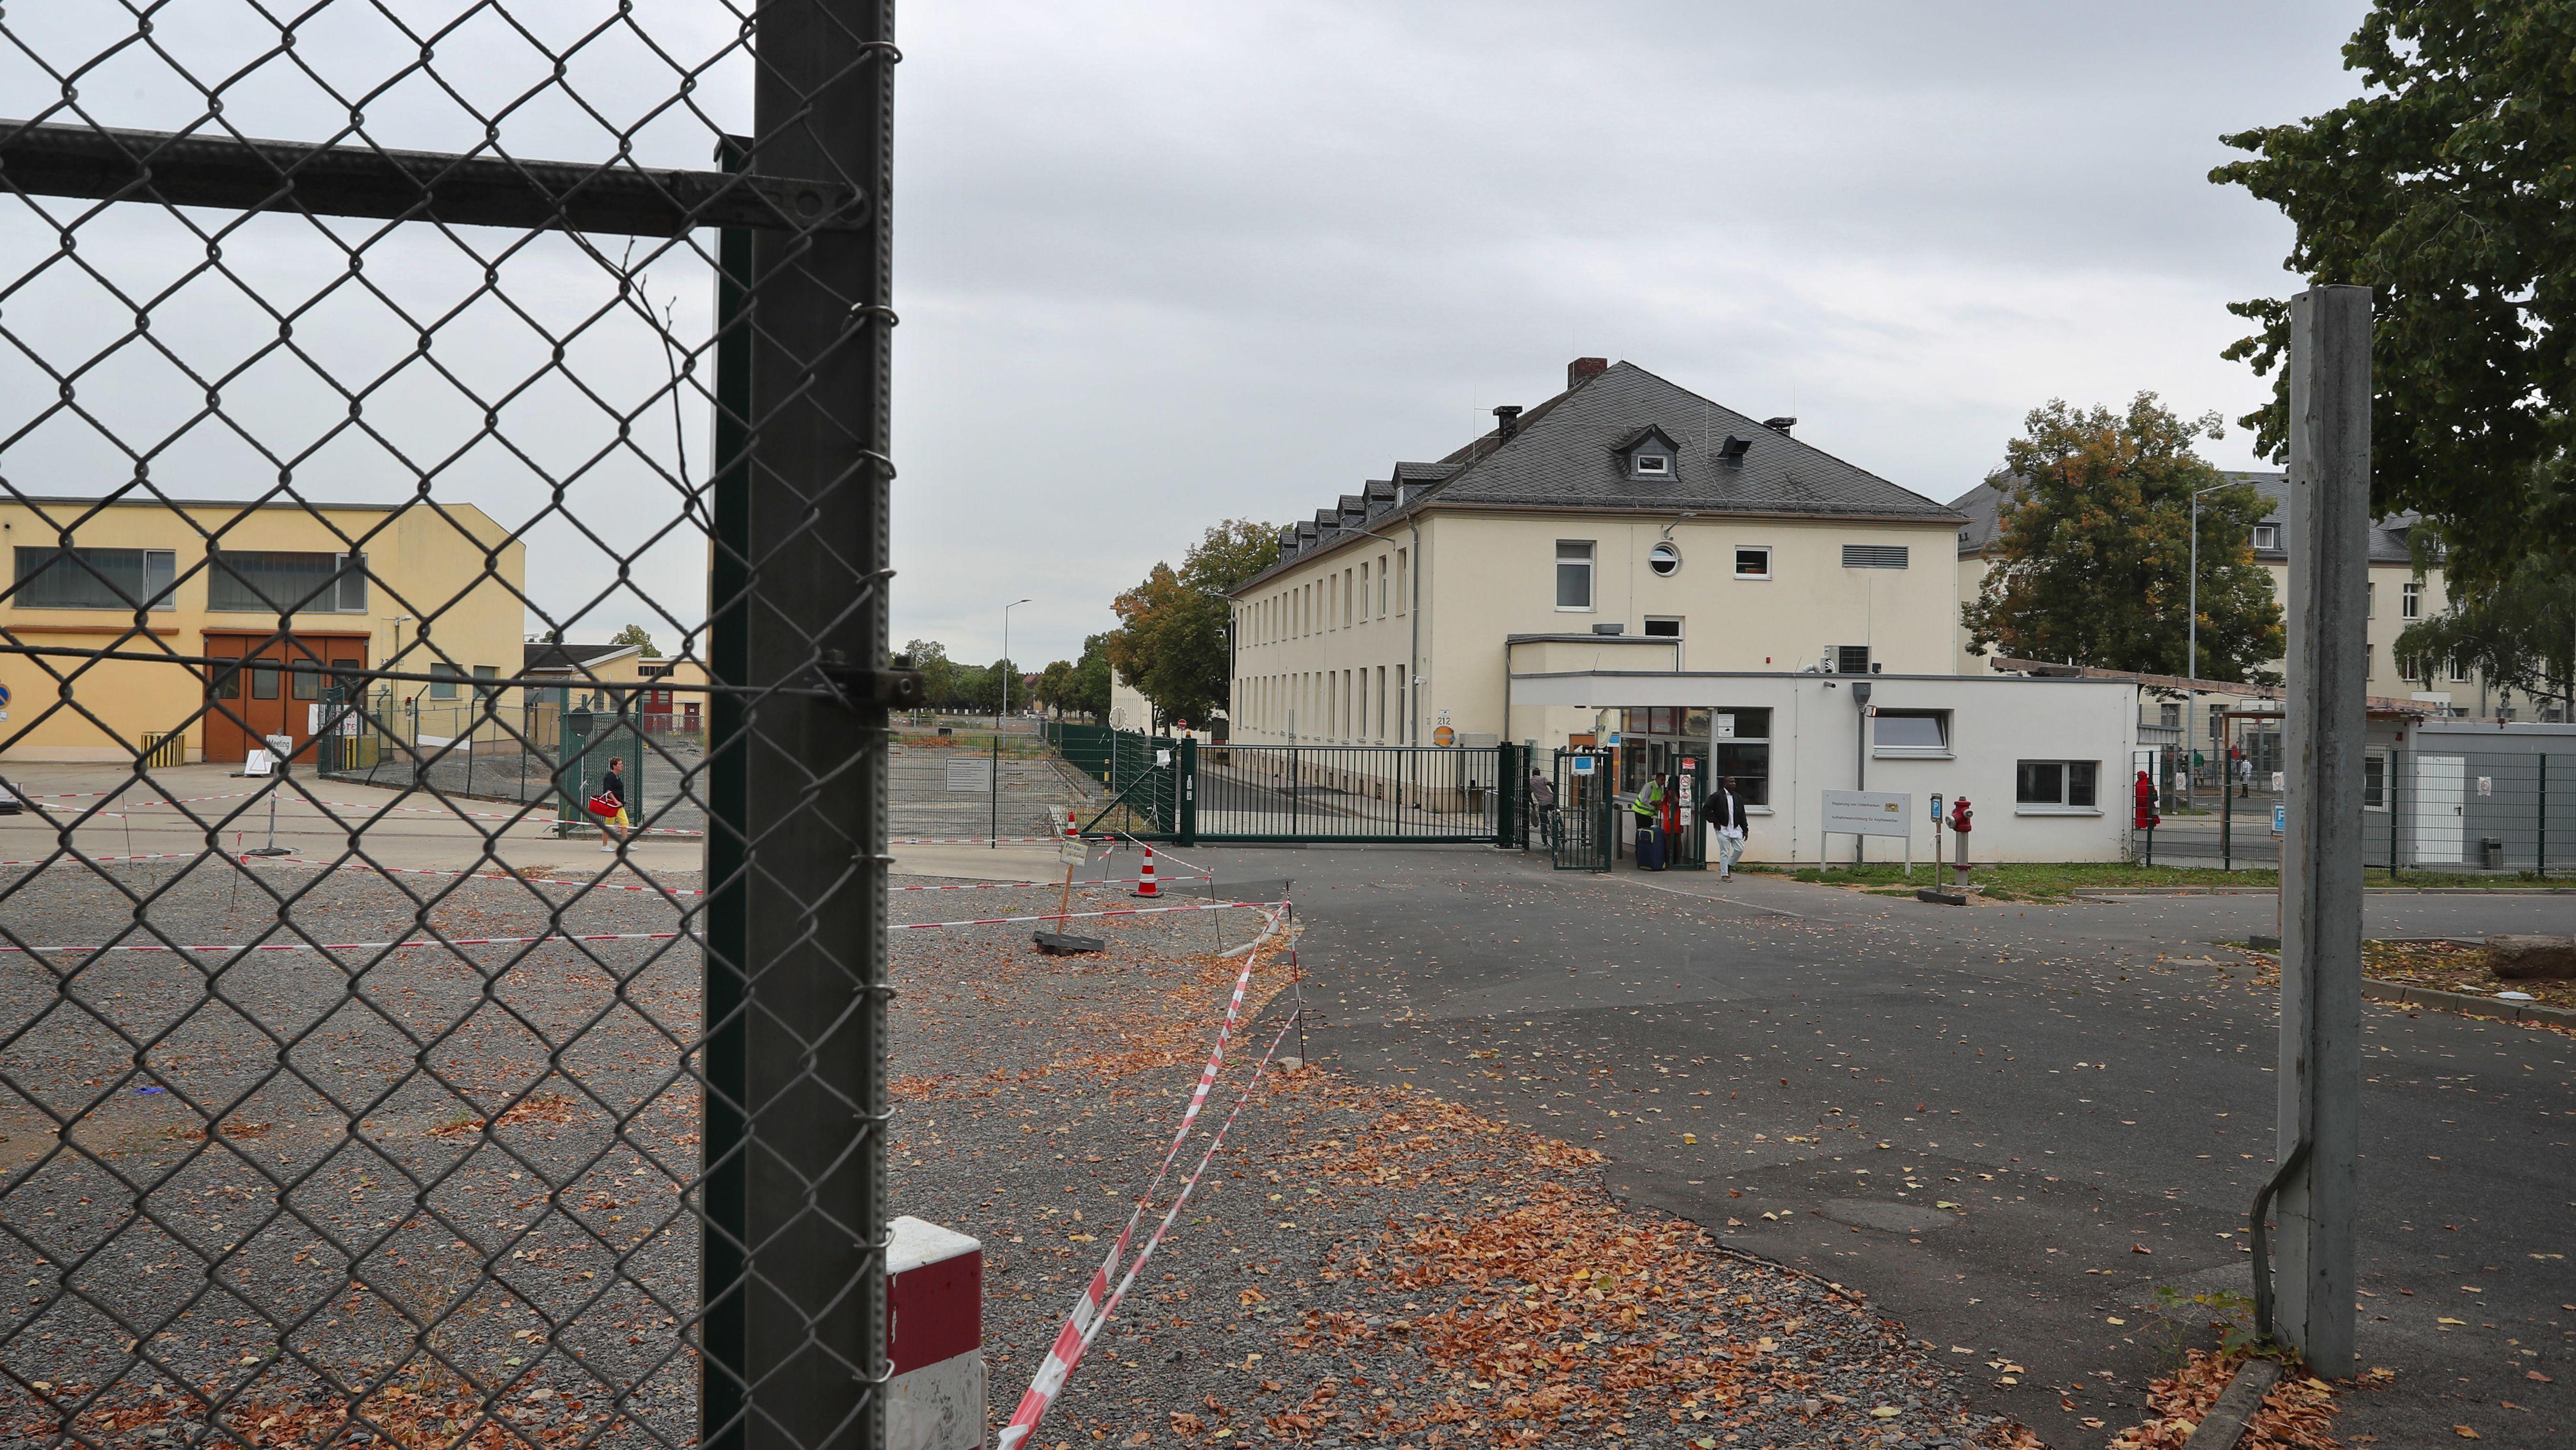 Schweinfurt: Die Pforte des Ankerzentrums.